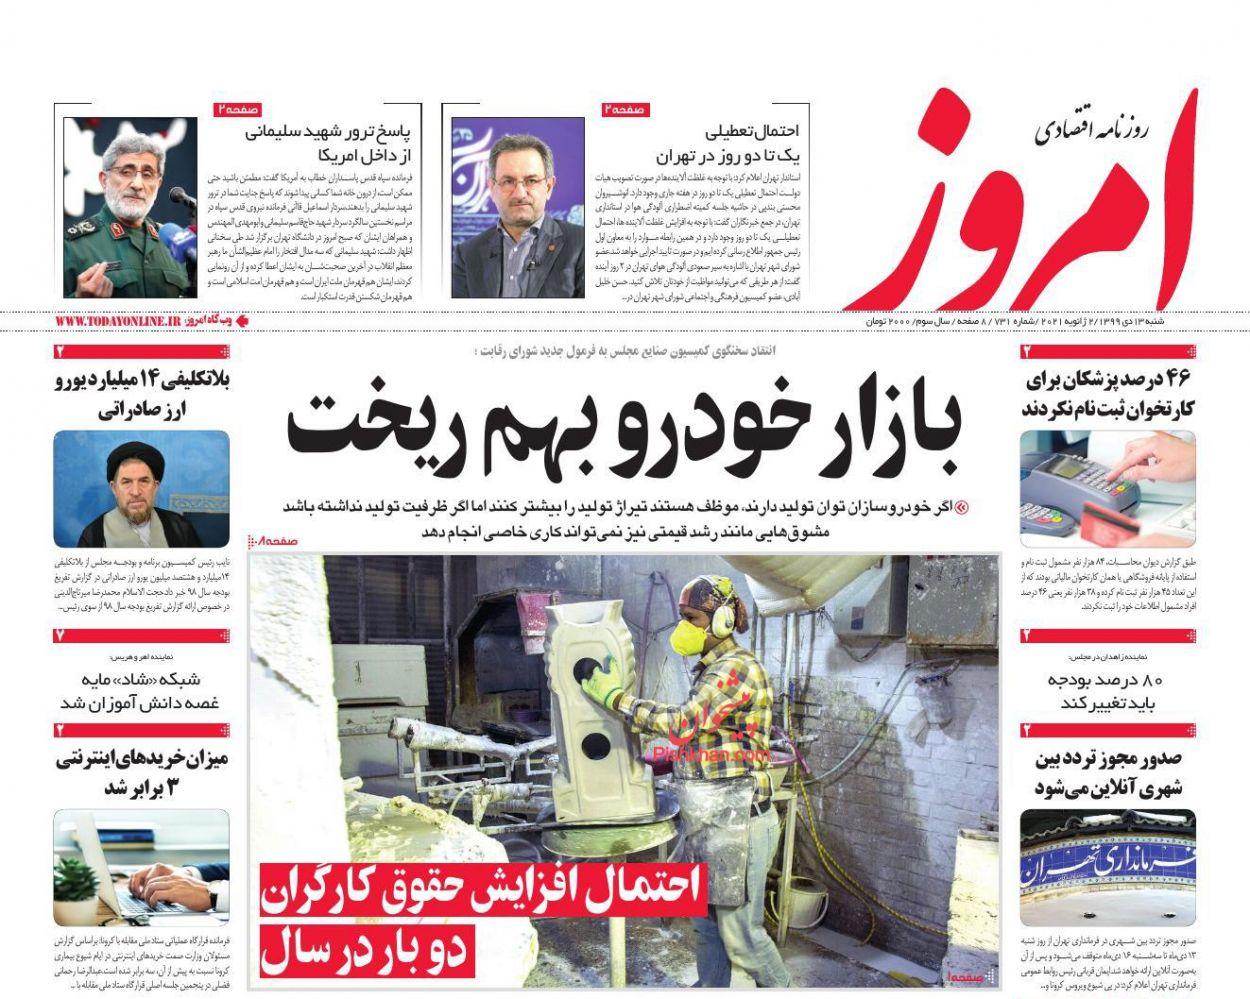 عناوین اخبار روزنامه امروز در روز شنبه ۱۳ دی